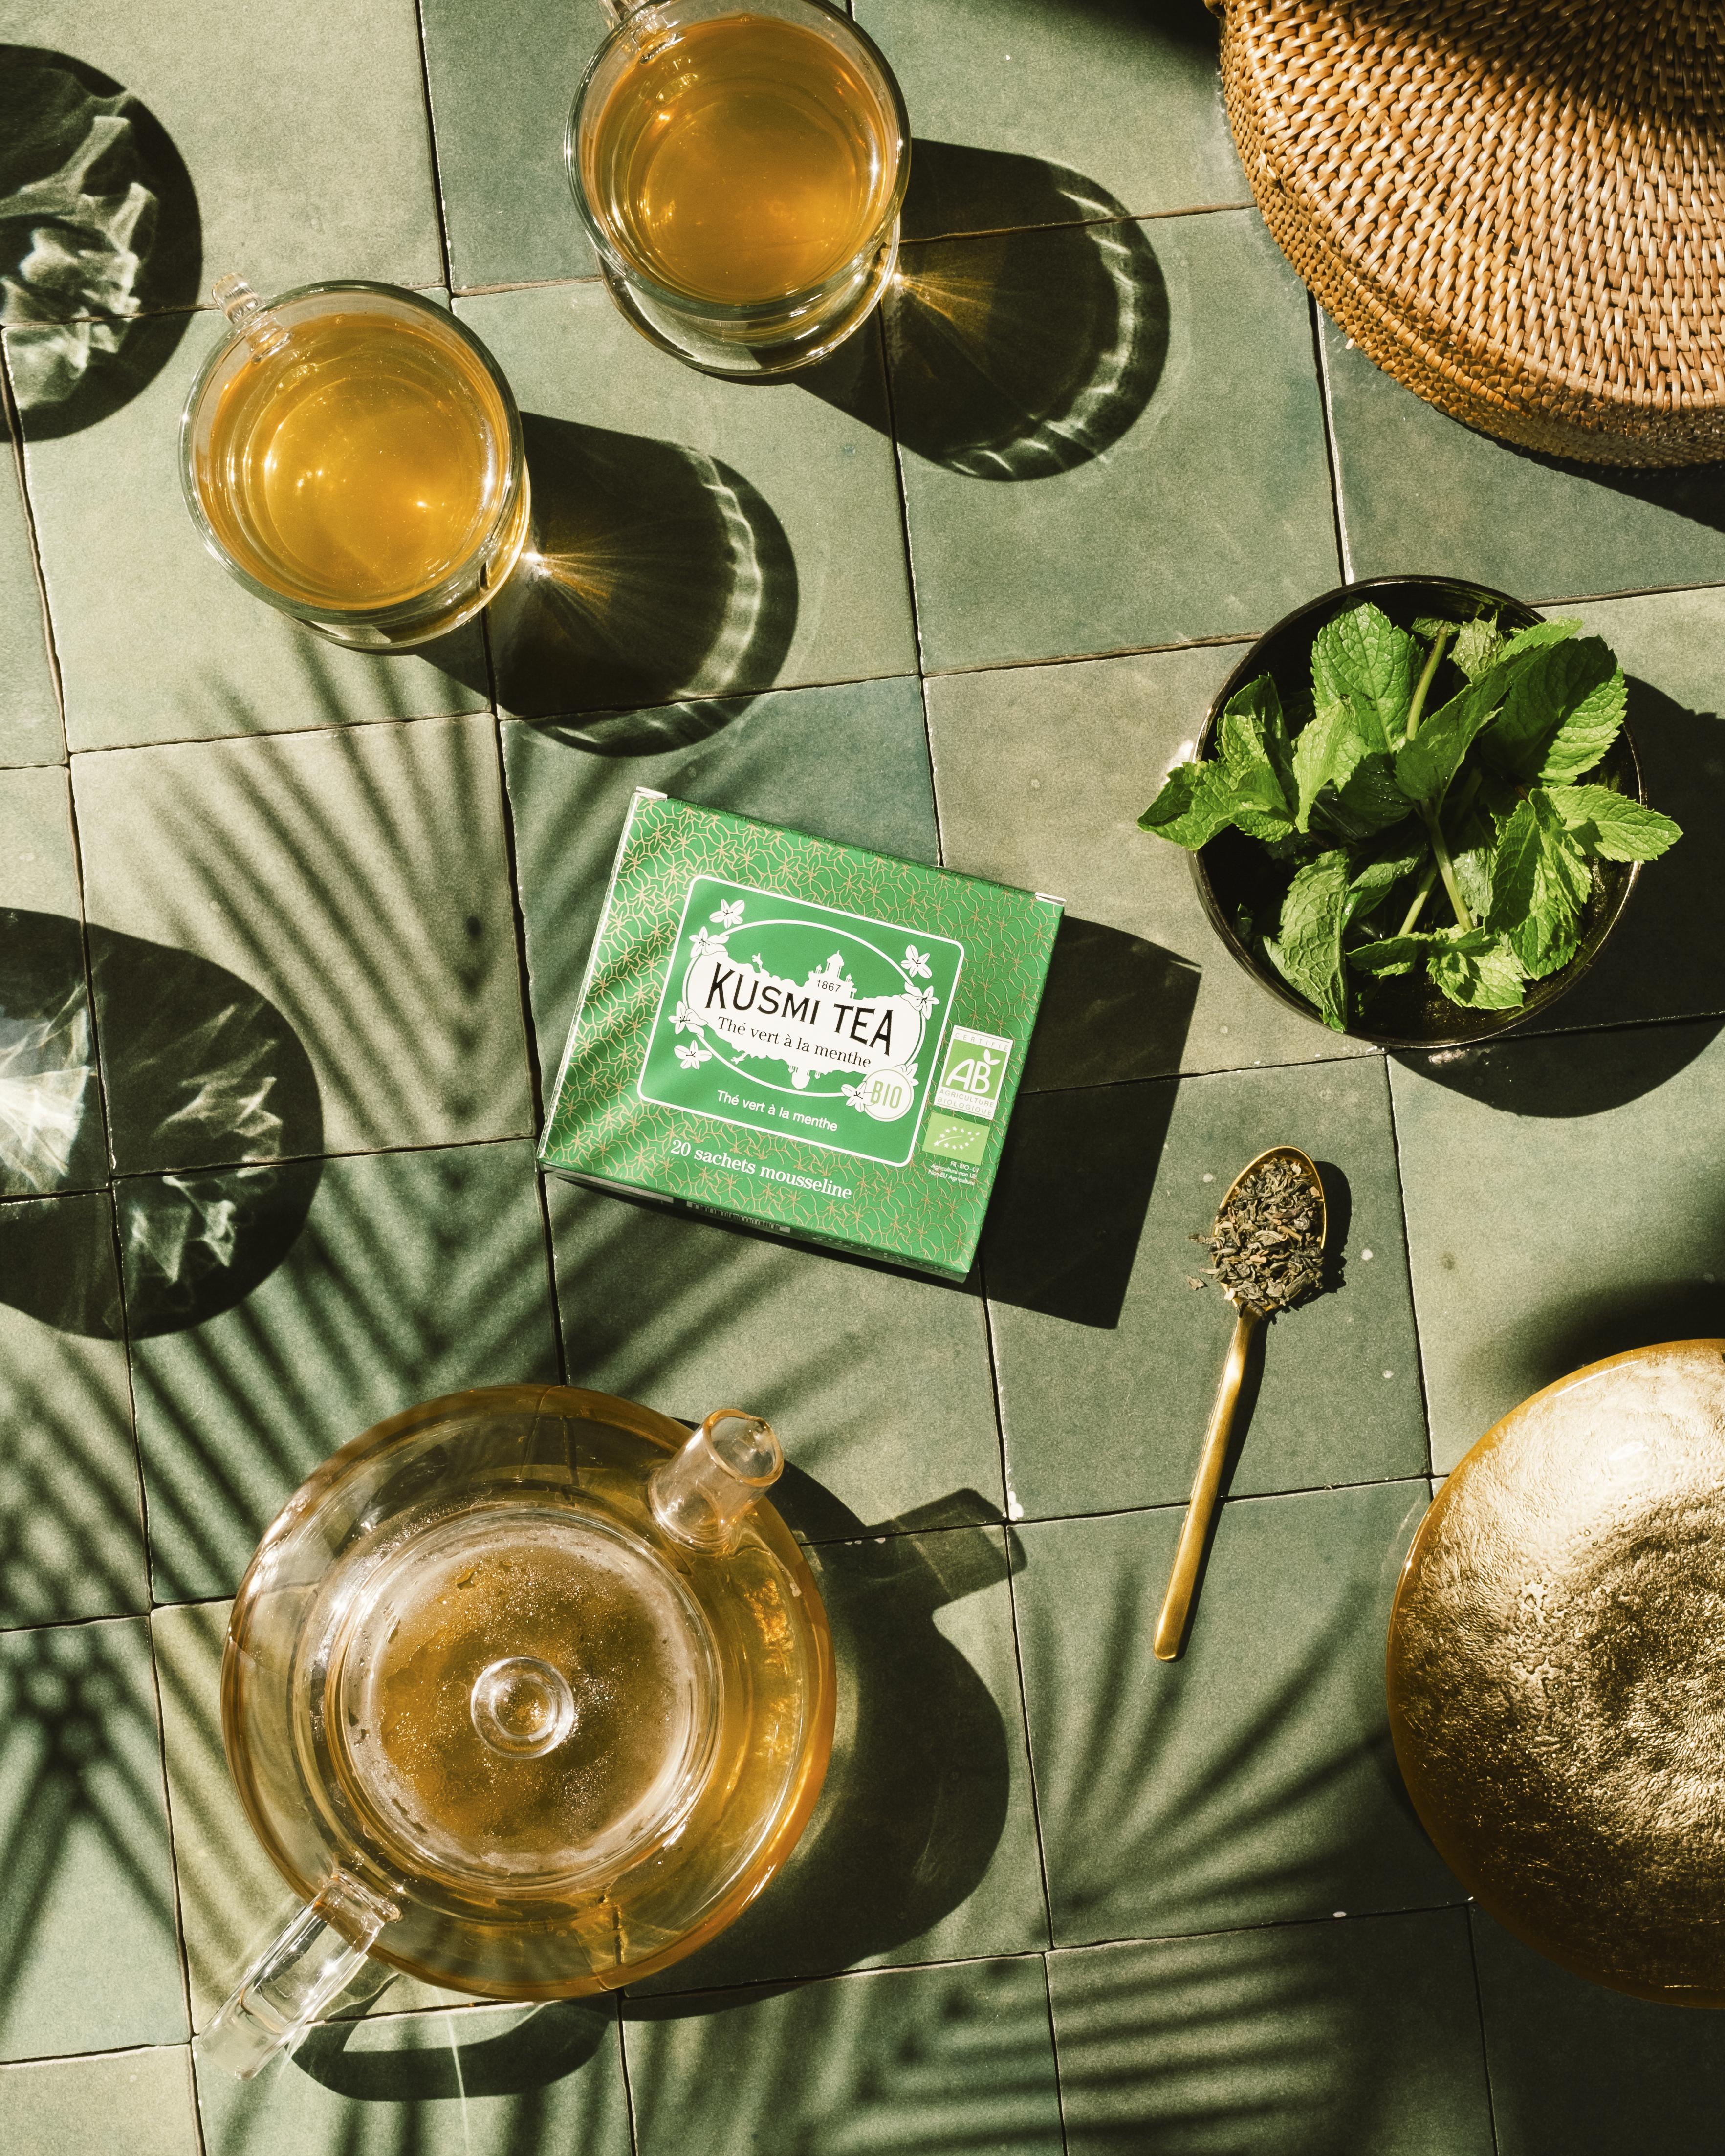 Le Maroc, le thé à la menthe